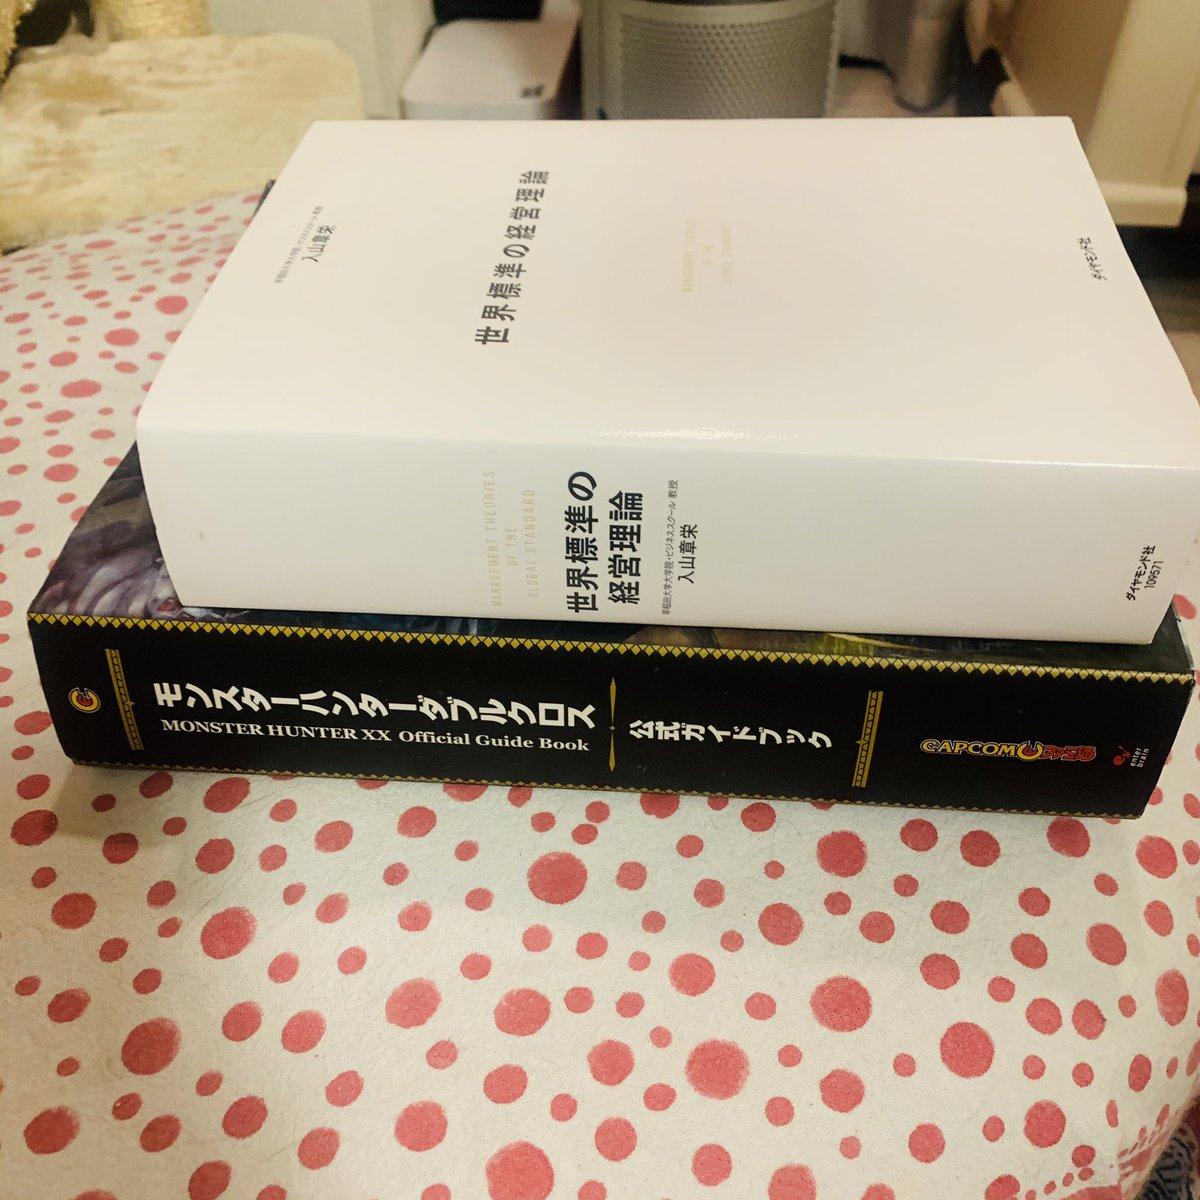 """オススメの本『世界基準の経営理論』とにかく分厚い。モンハンの攻略本よりも分厚い。中身もバリカタコッテリ。私が""""意識高い系ツイート""""したときは、だいたいこの本からの受け売りです🥴"""